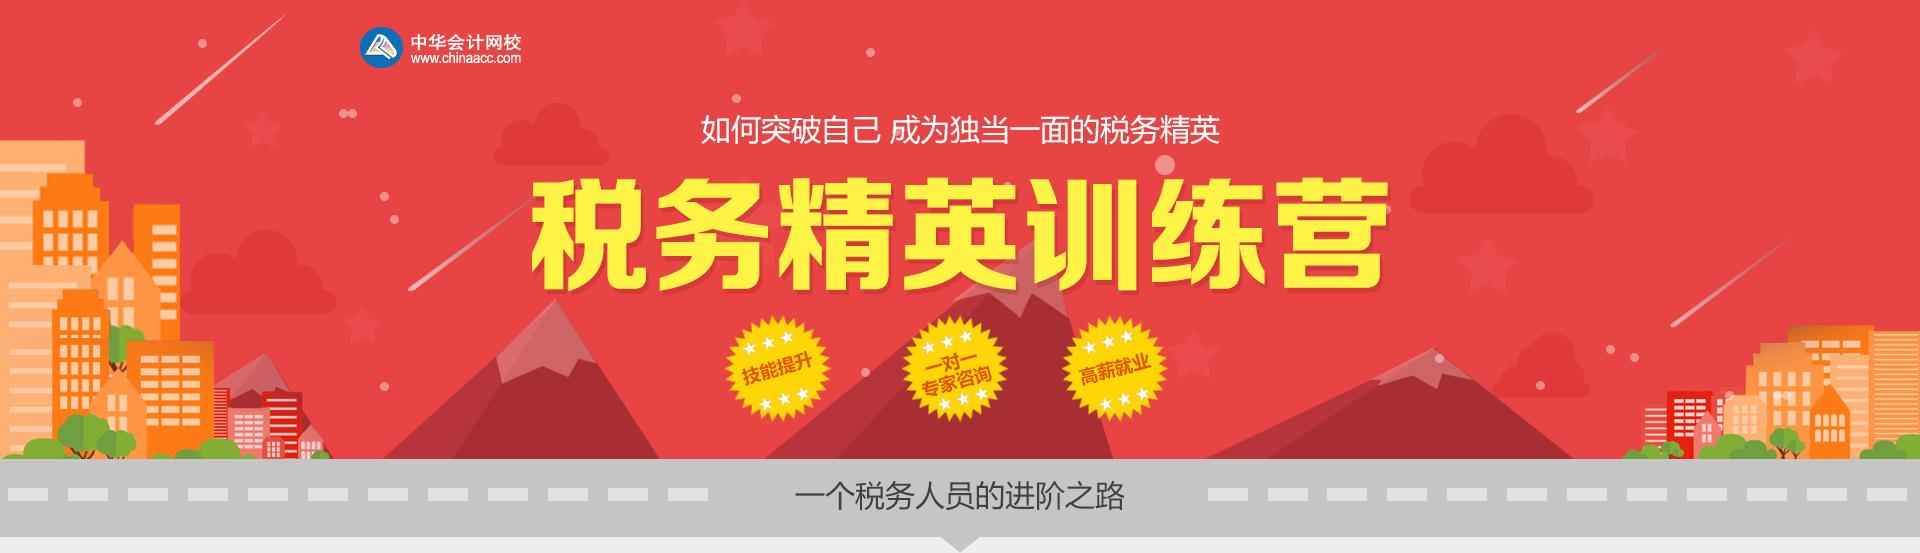 中华网校·税务精英训练营